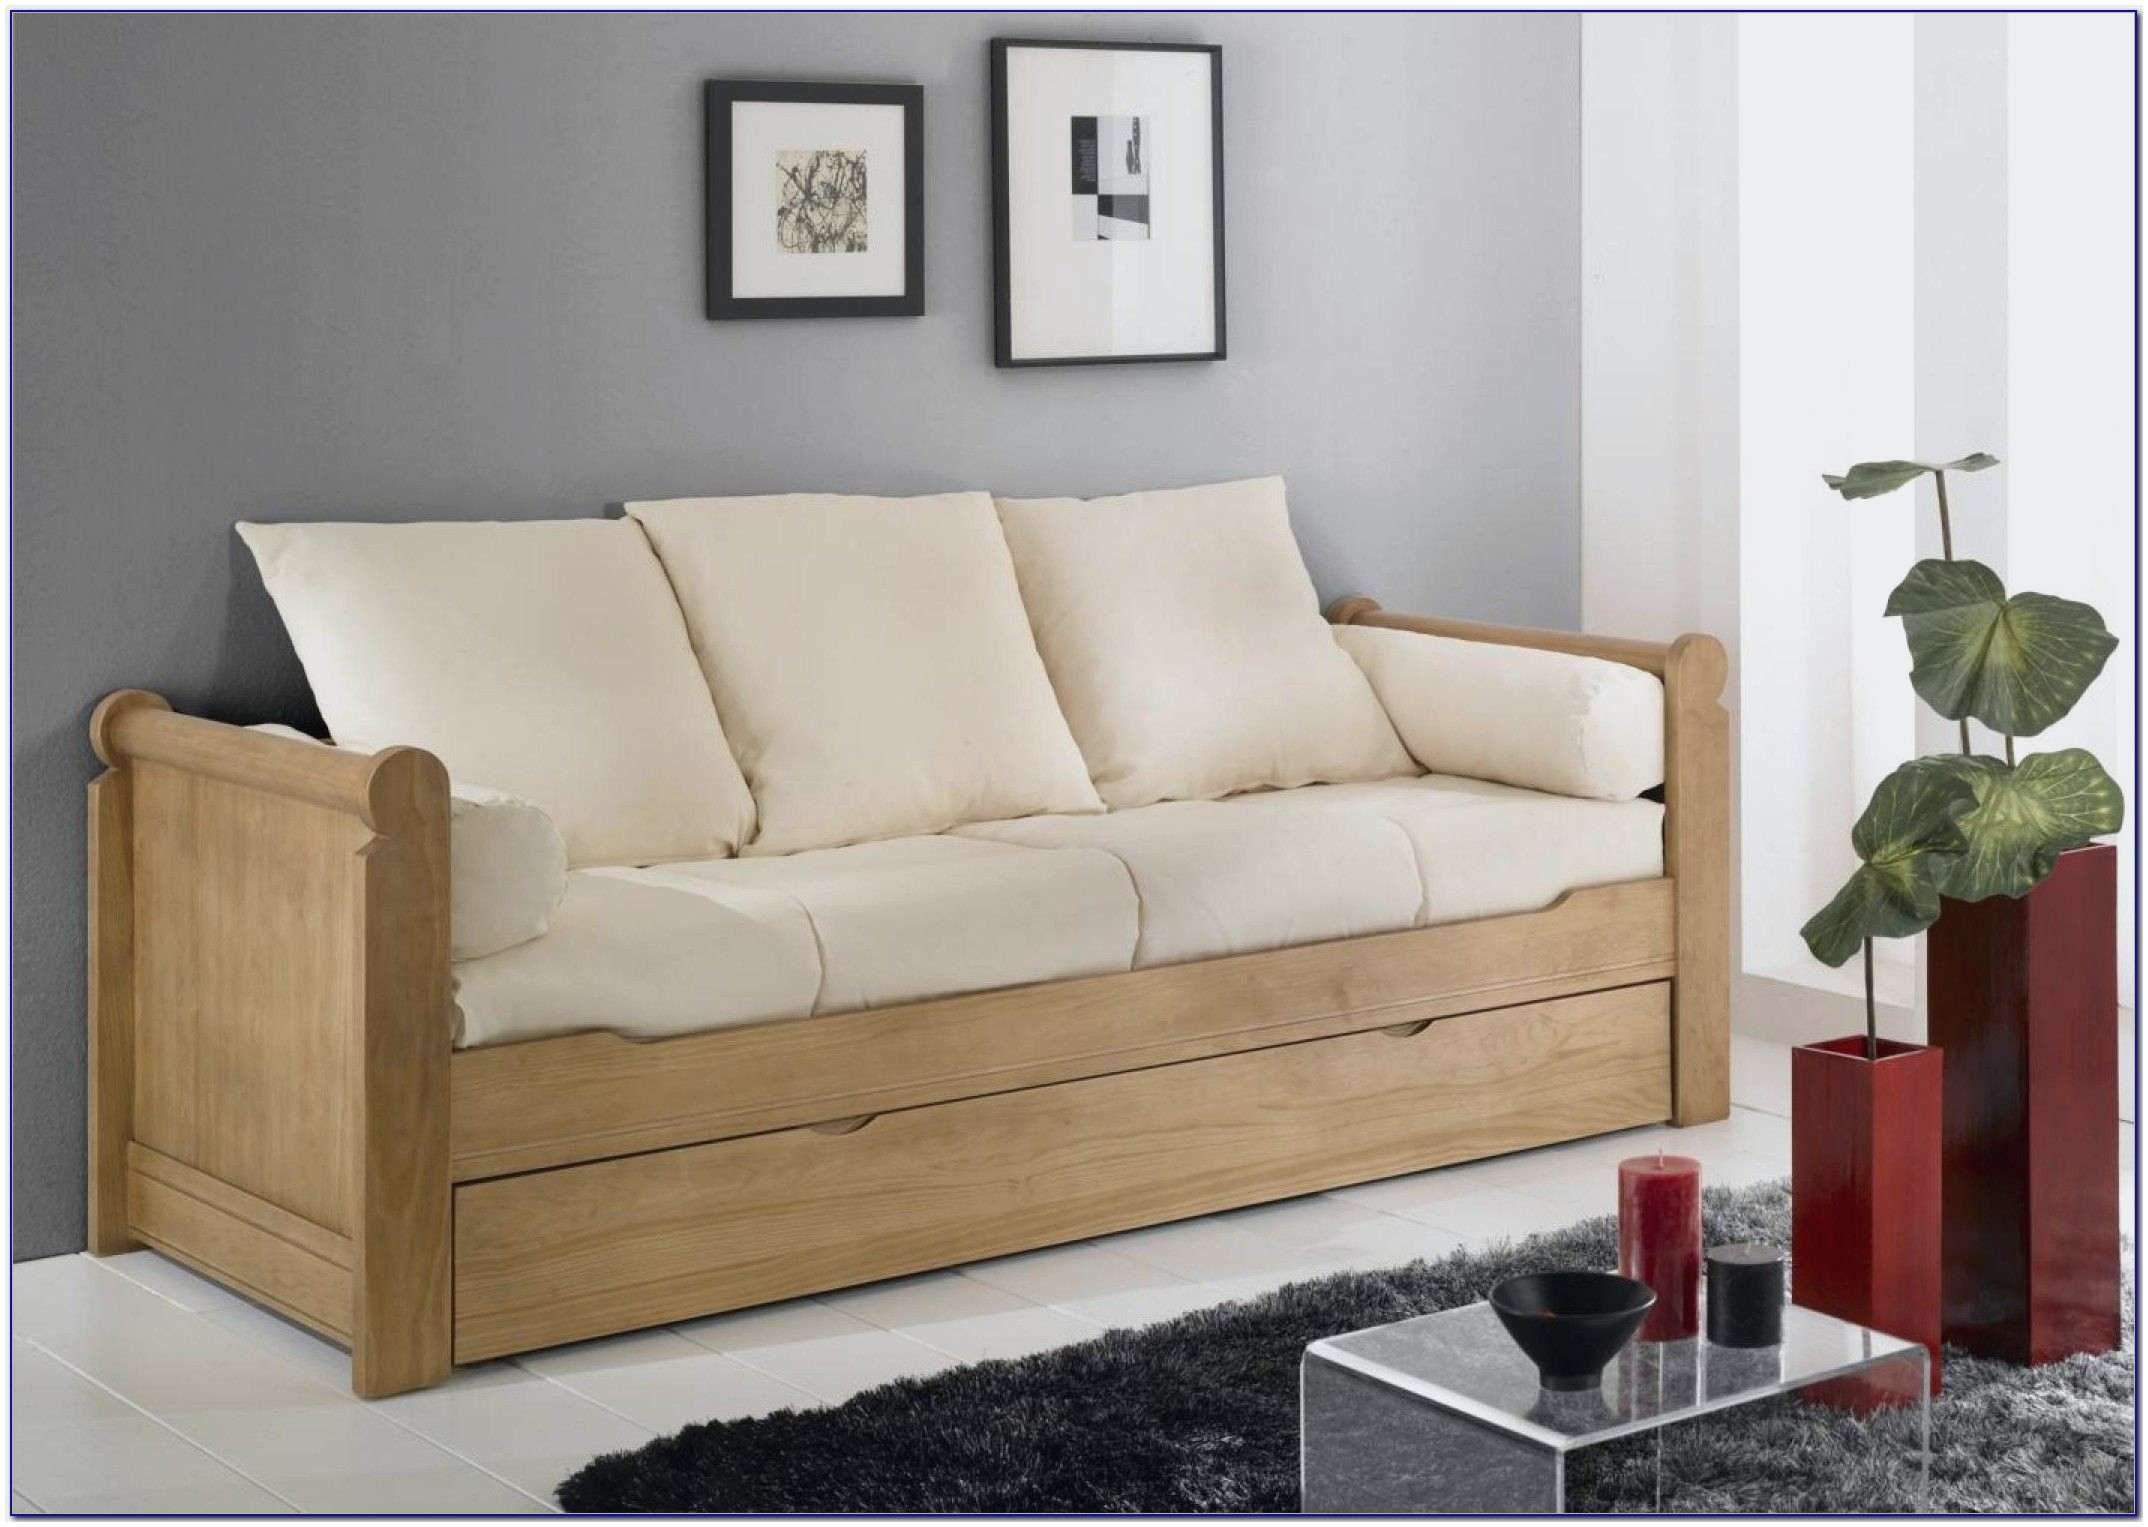 Lit Superposé Escamotable Ikea Inspirant Frais Luxury Canapé Lit Matelas Pour Meilleur Ikea Canapé 2 Places